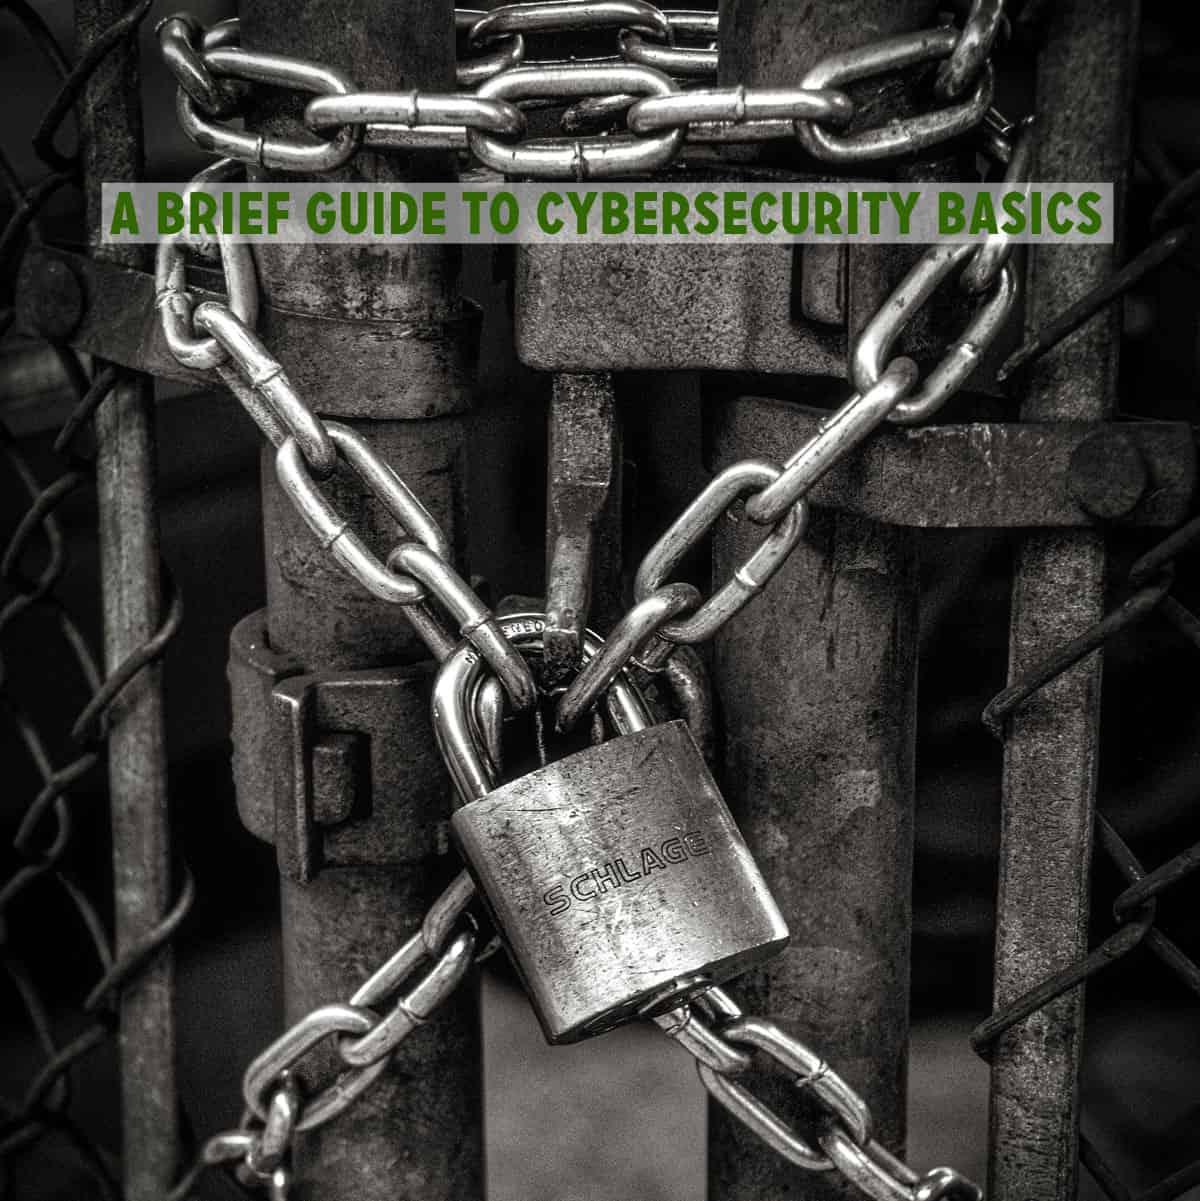 Um breve guia dos princípios básicos de segurança cibernética